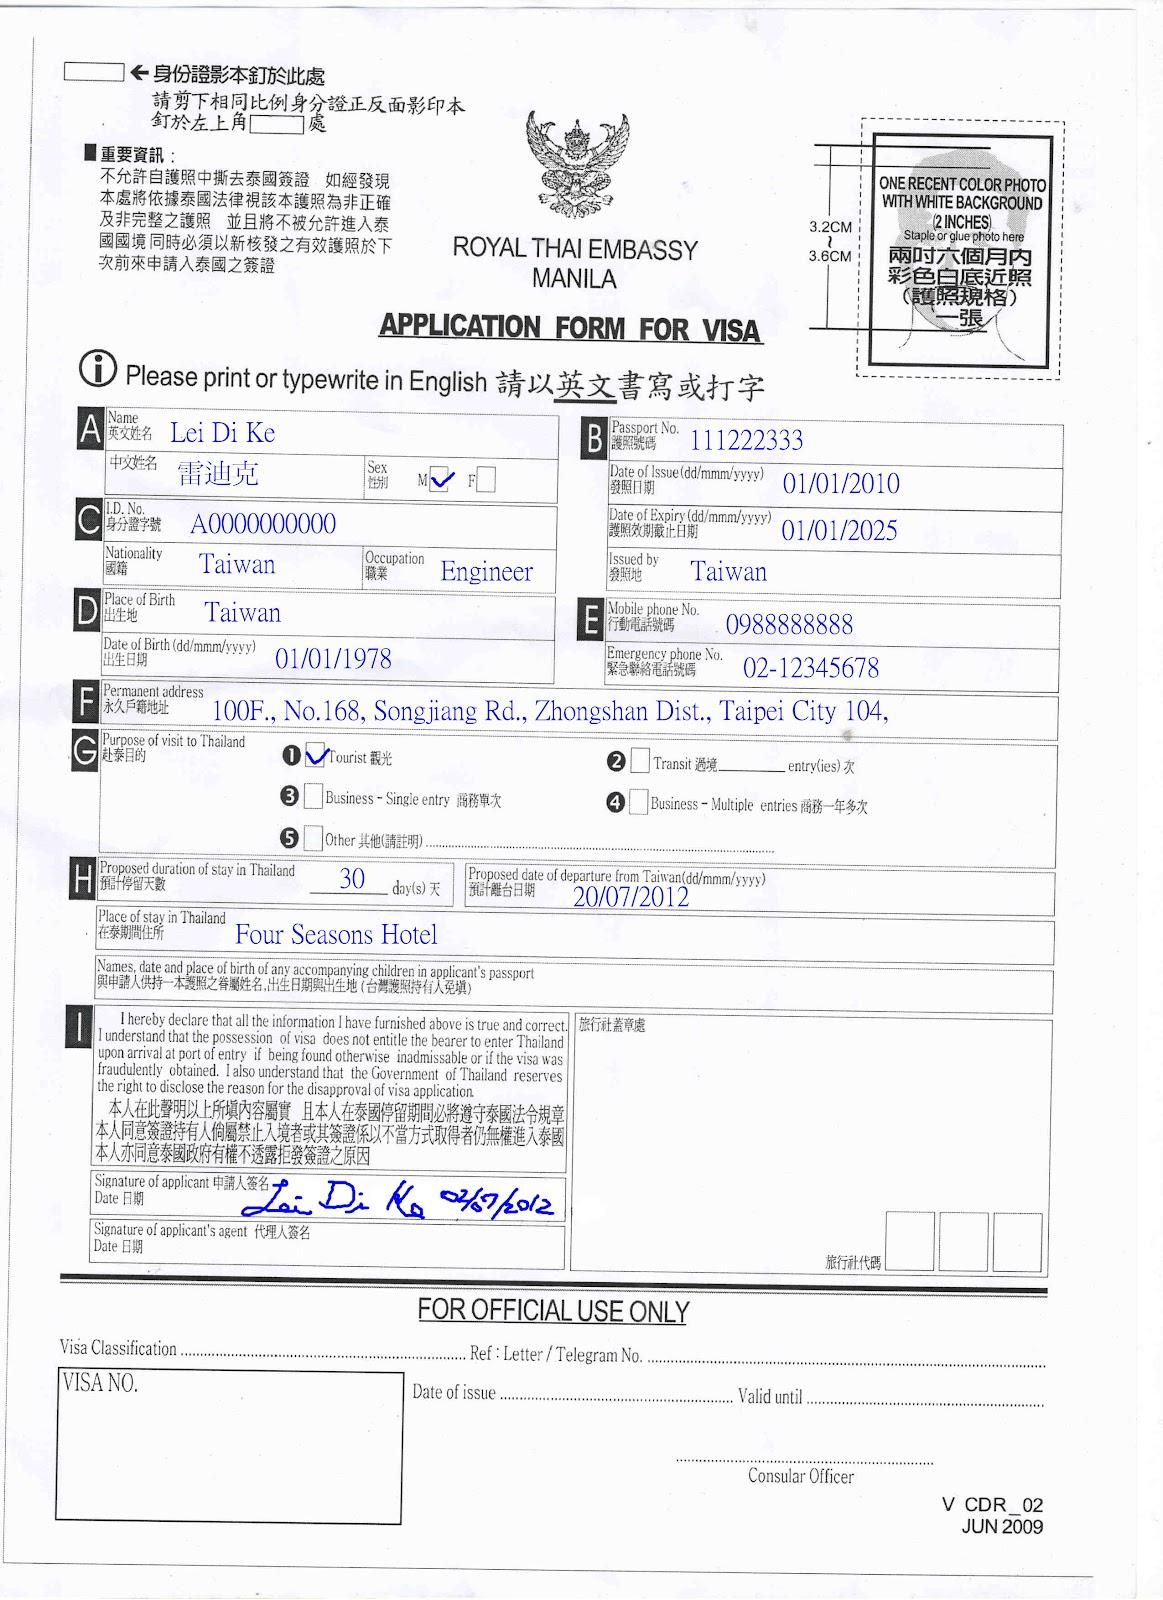 泰國旅遊要簽證嗎2013|2013- 泰國旅遊要簽證嗎2013|2013 - 快熱資訊 - 走進時代